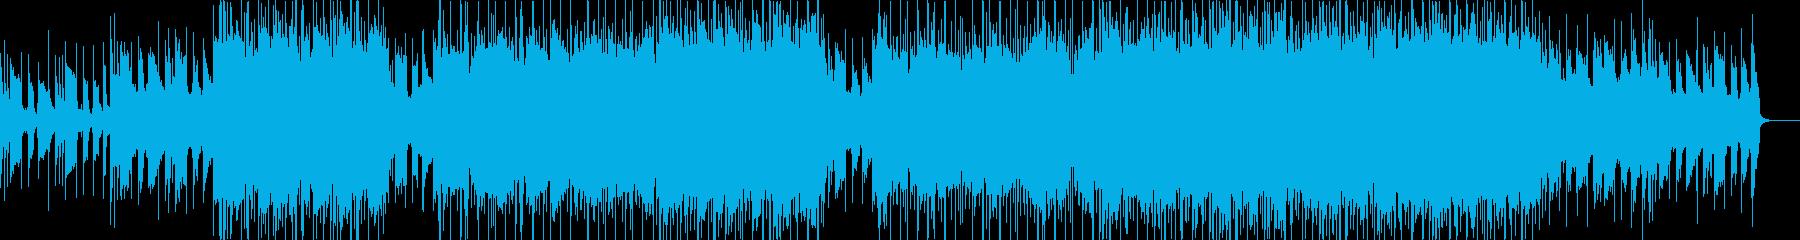 チル系、スムーズR&Bをイメージした曲の再生済みの波形